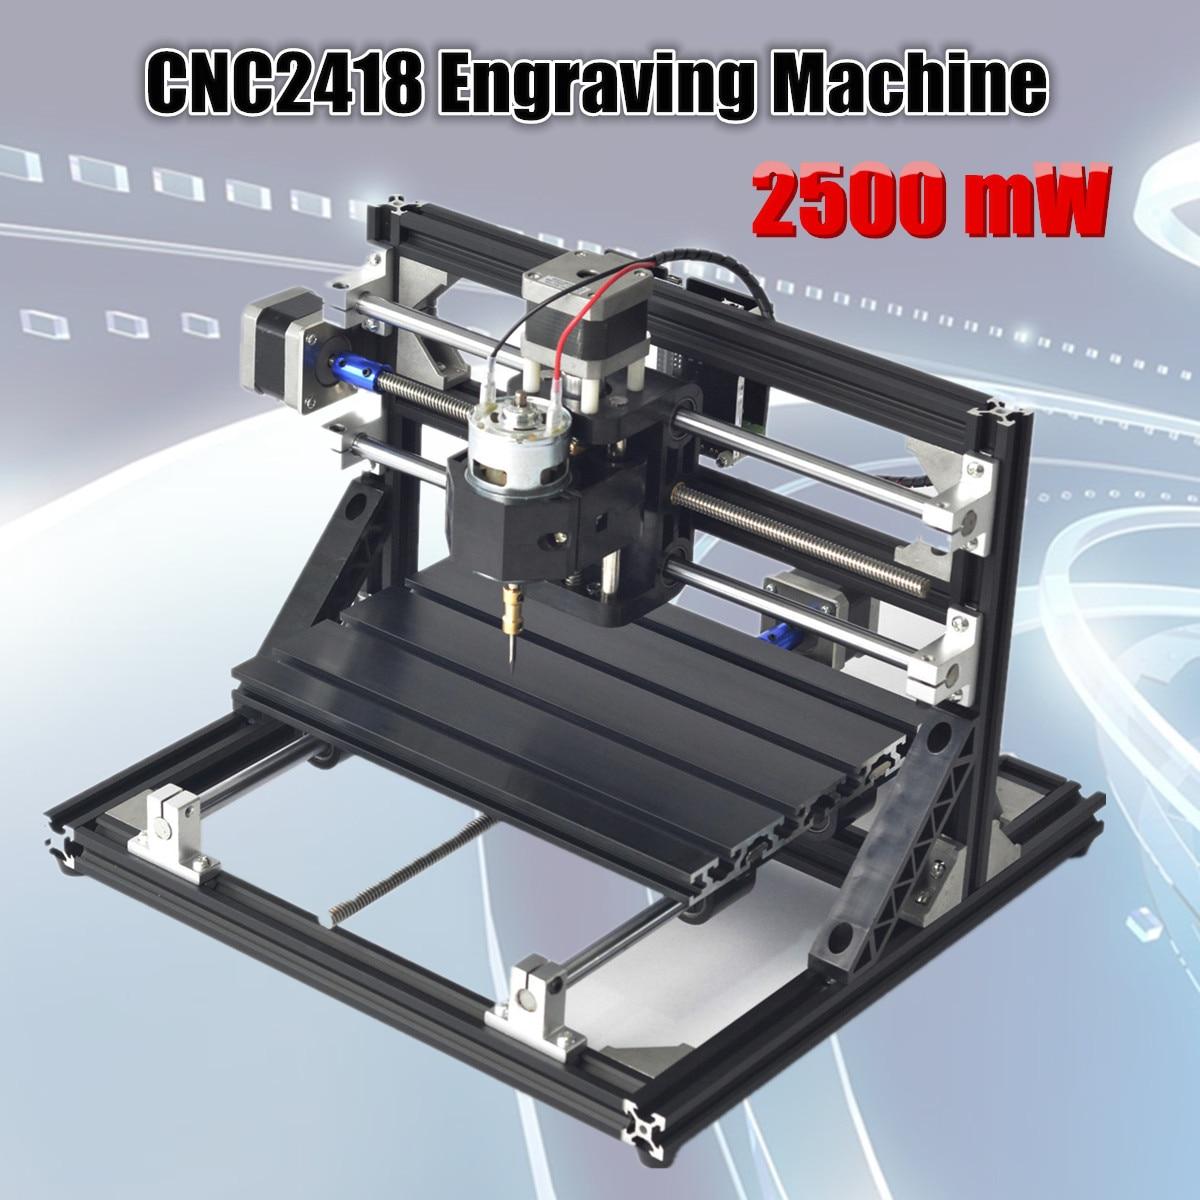 Cnc 2418 Engraving Machine 2500mW,cnc Engraving Machine,Pcb Milling Machine,Wood Carving Machine,mini Cnc Router,cnc2418